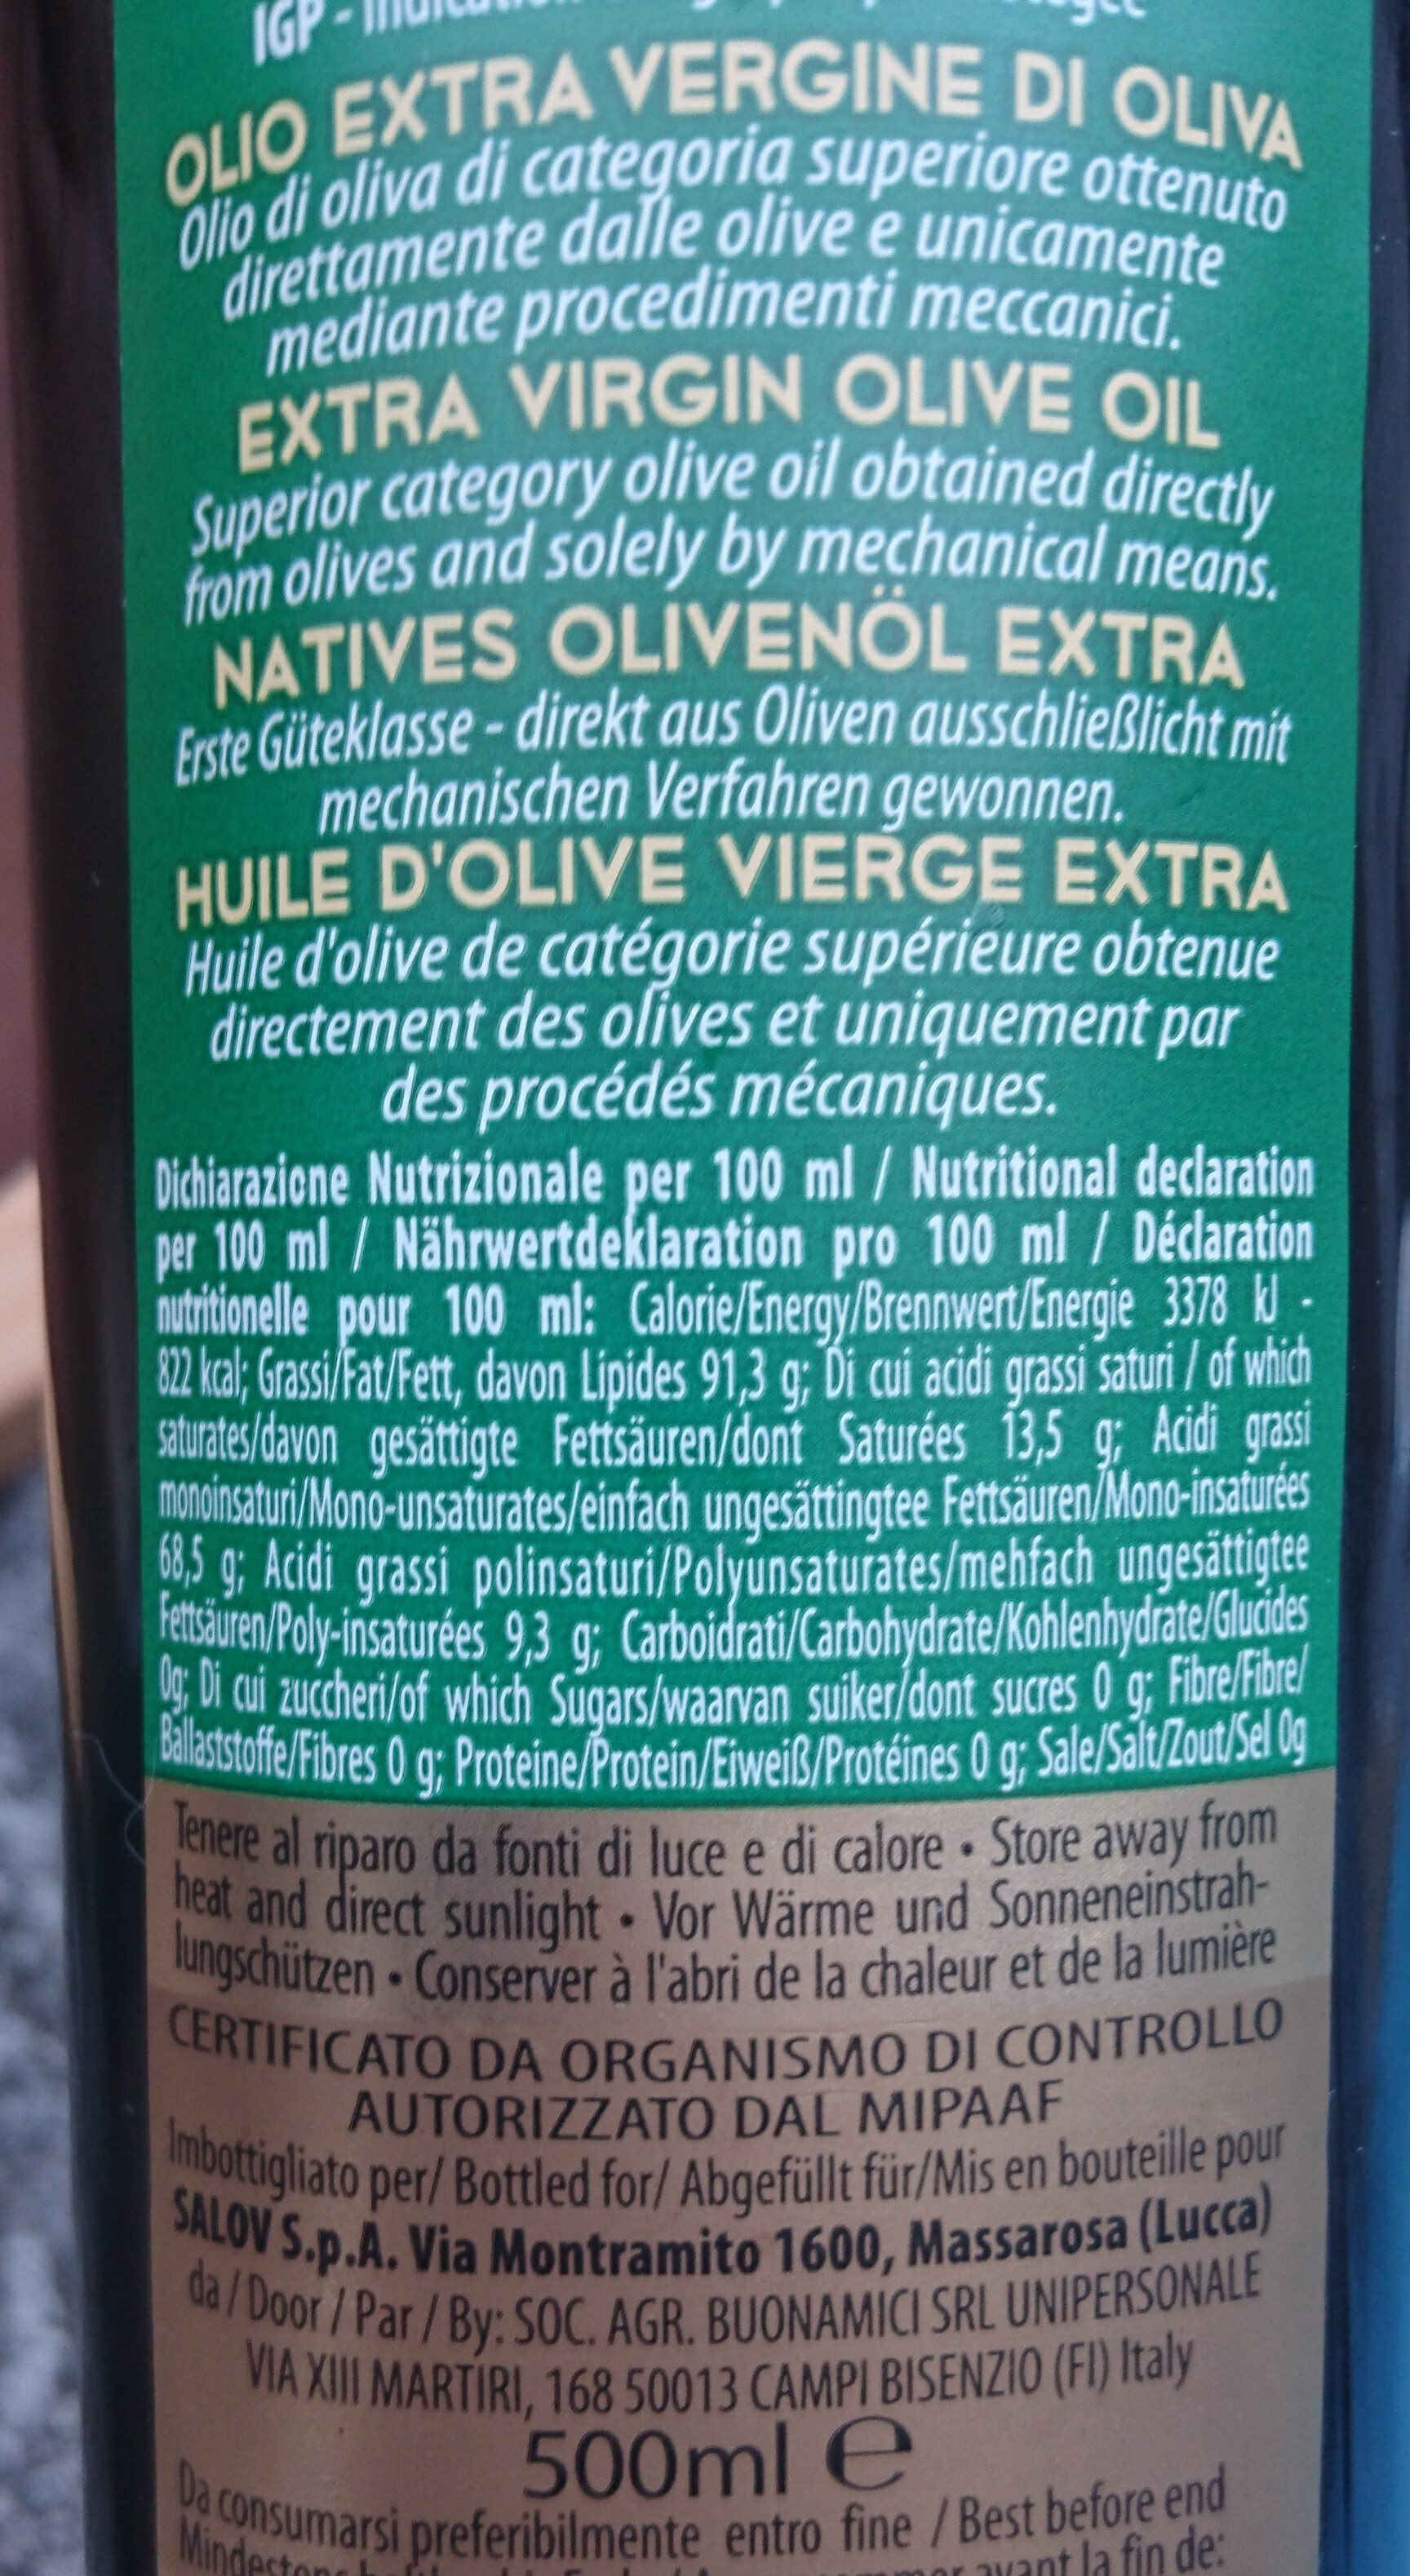 Olio extra vergine di oliva - Ingredienti - it